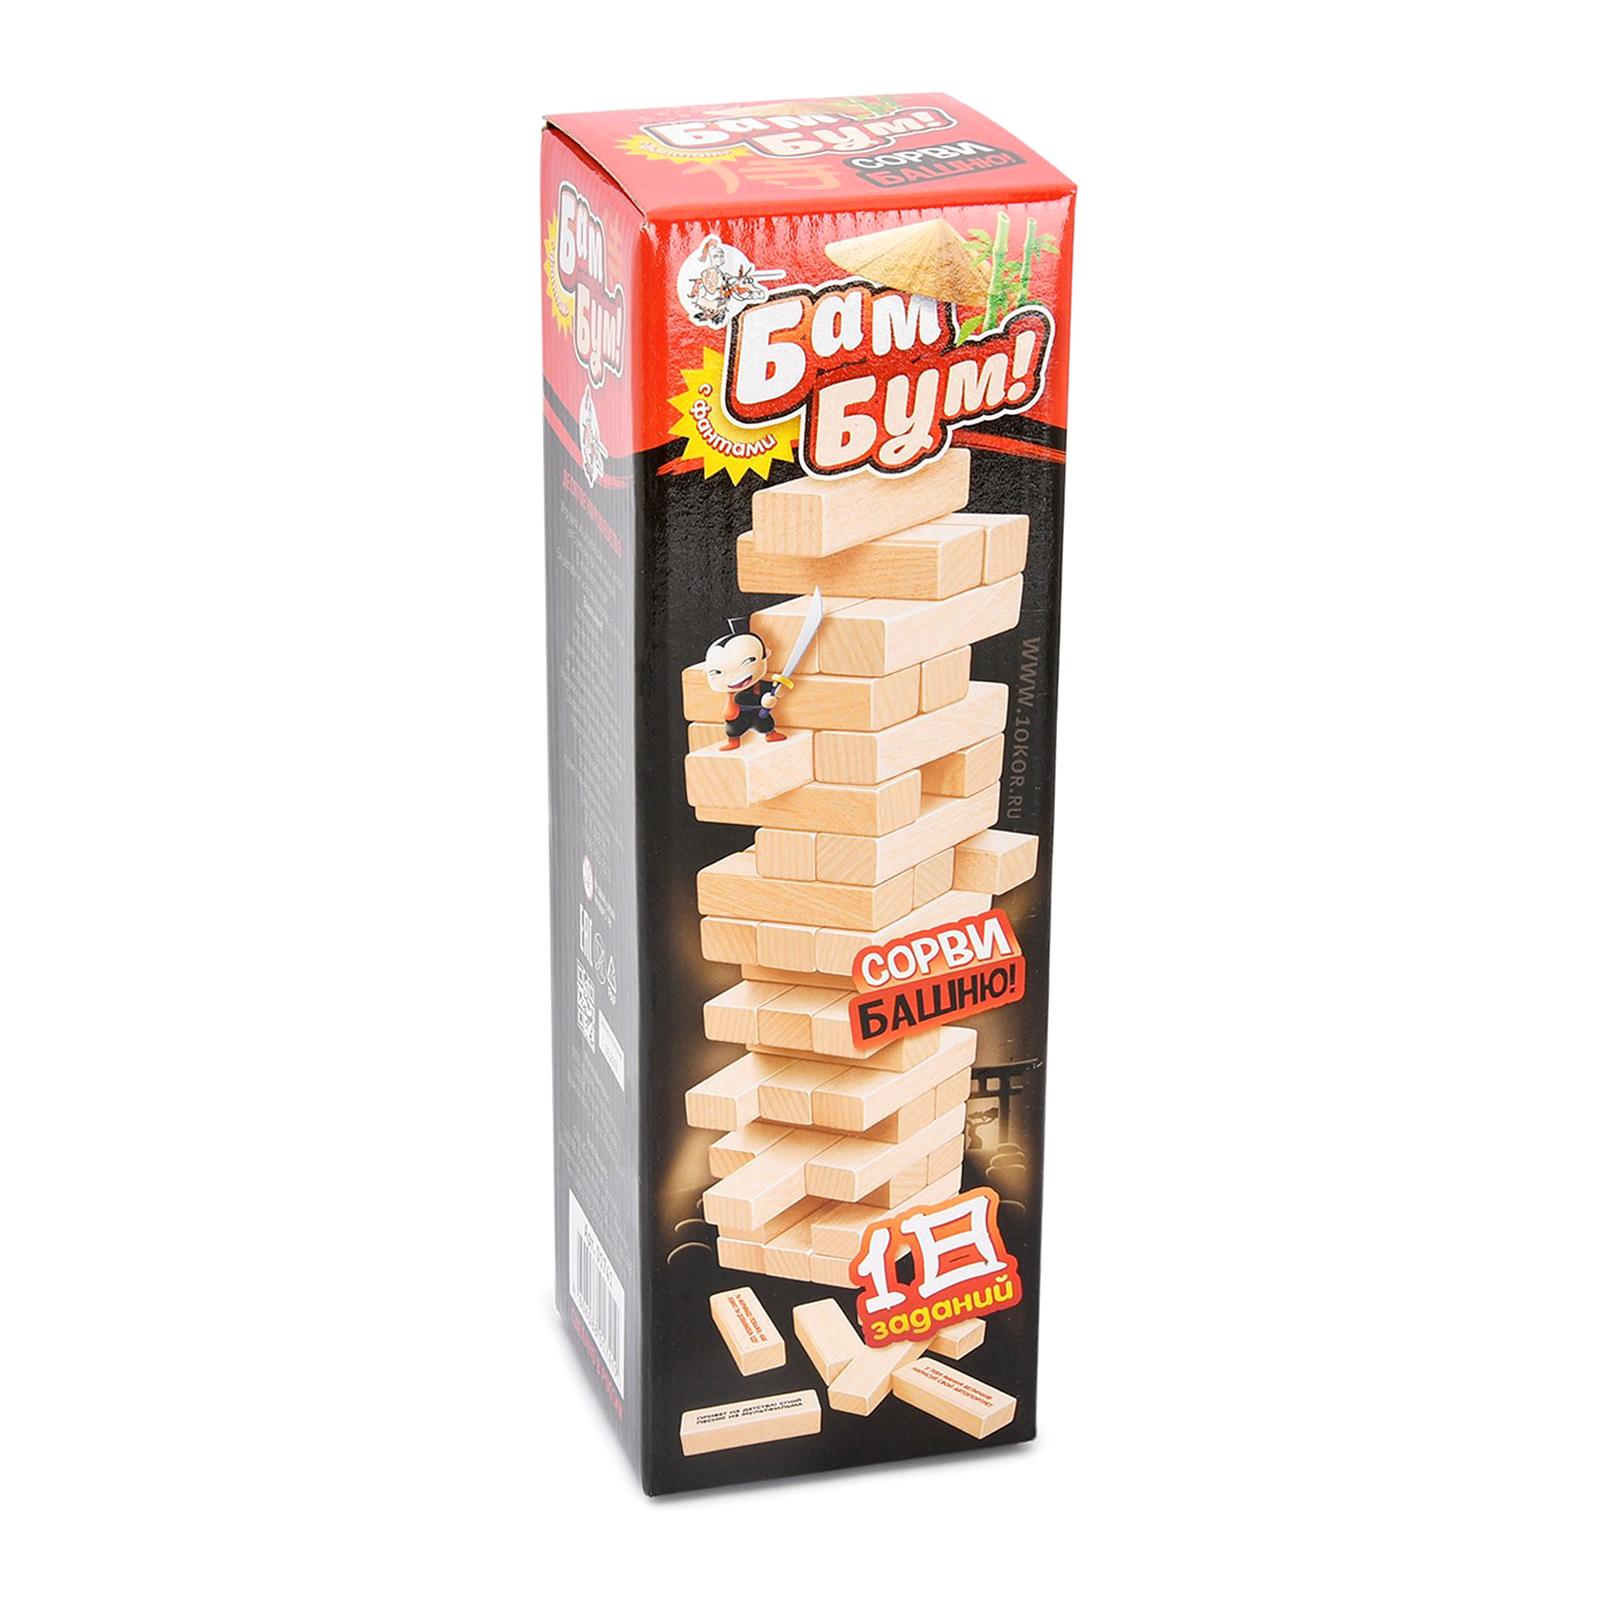 Фото - Настольная игра Десятое королевство Падающая башня с фантами Бам-бум настольная игра десятое королевство бам бум кроко 04101